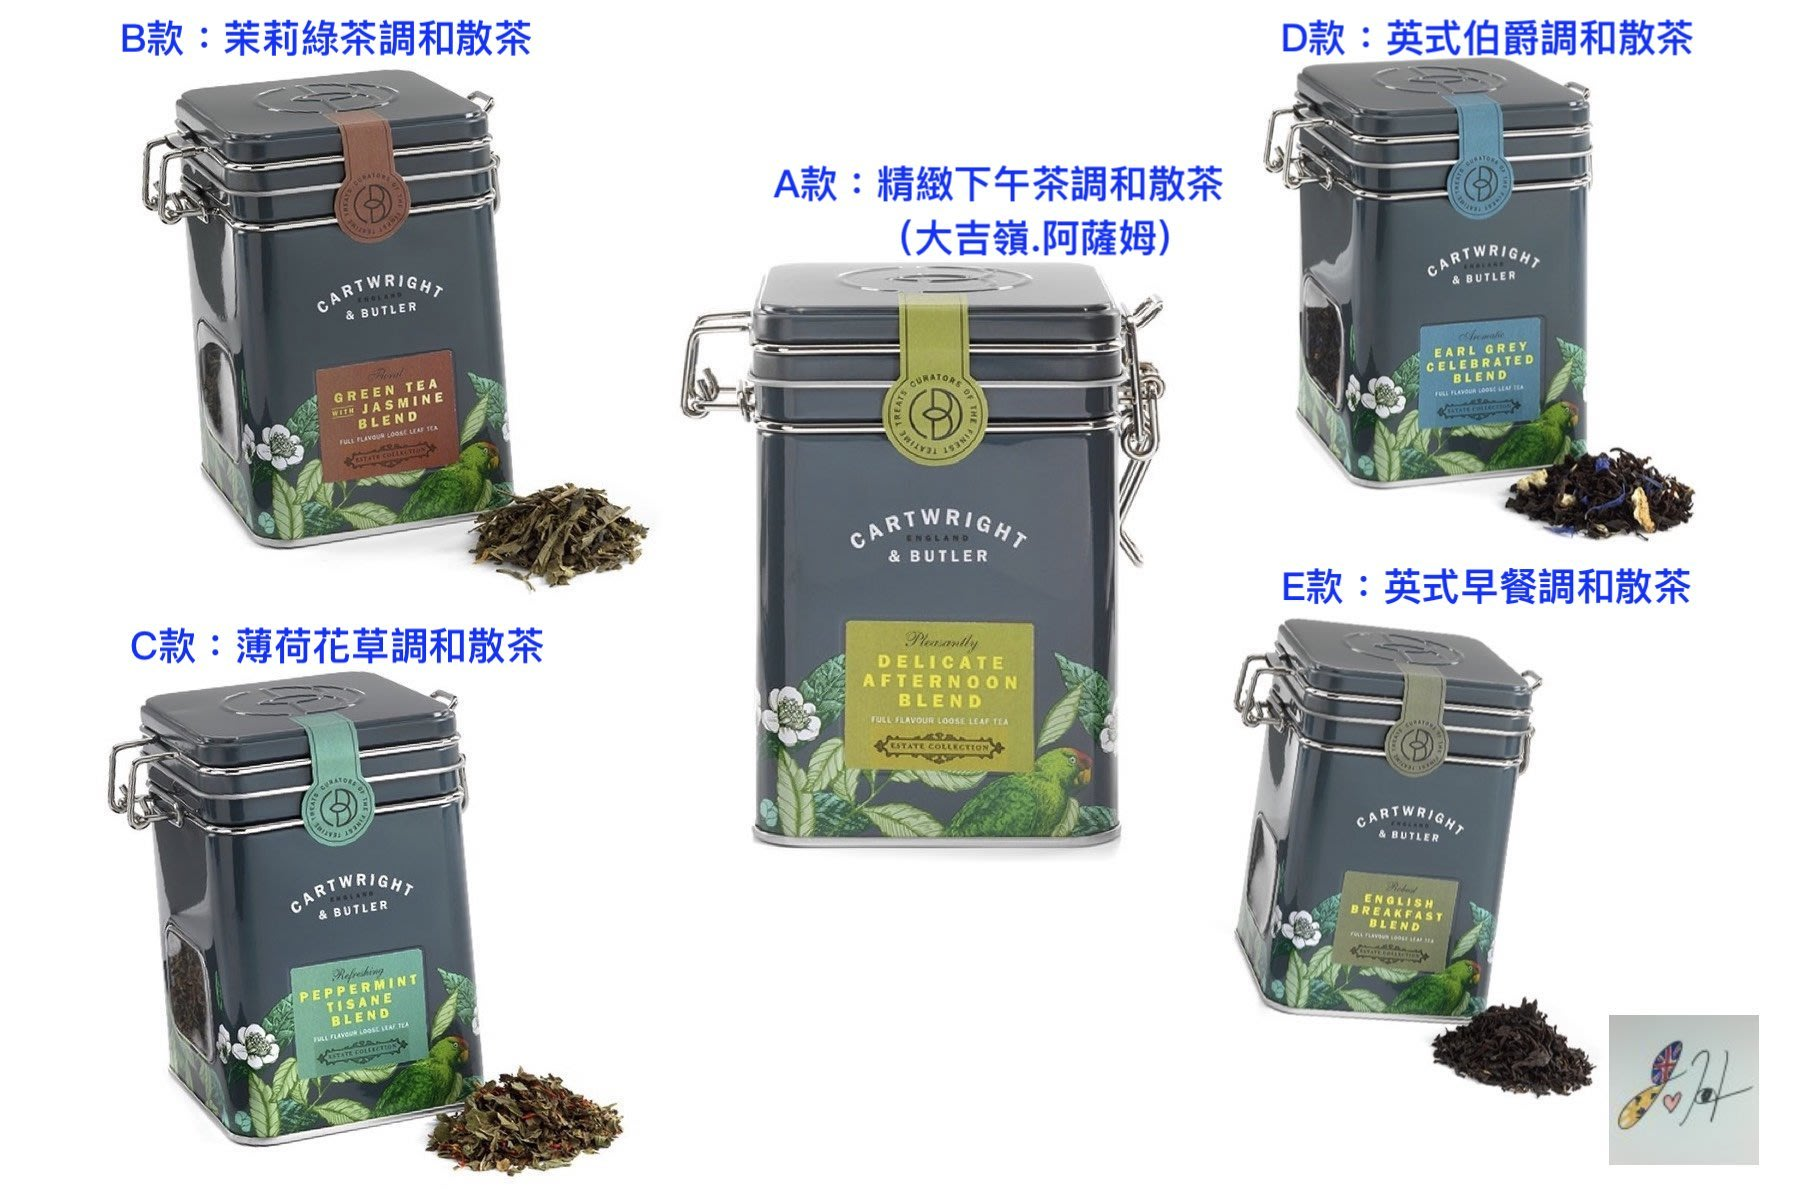 請先詢問[要預購] 英國代購 英國CARTWRIGHT & BUTLER 散茶茶葉罐 100g 多款口味可選